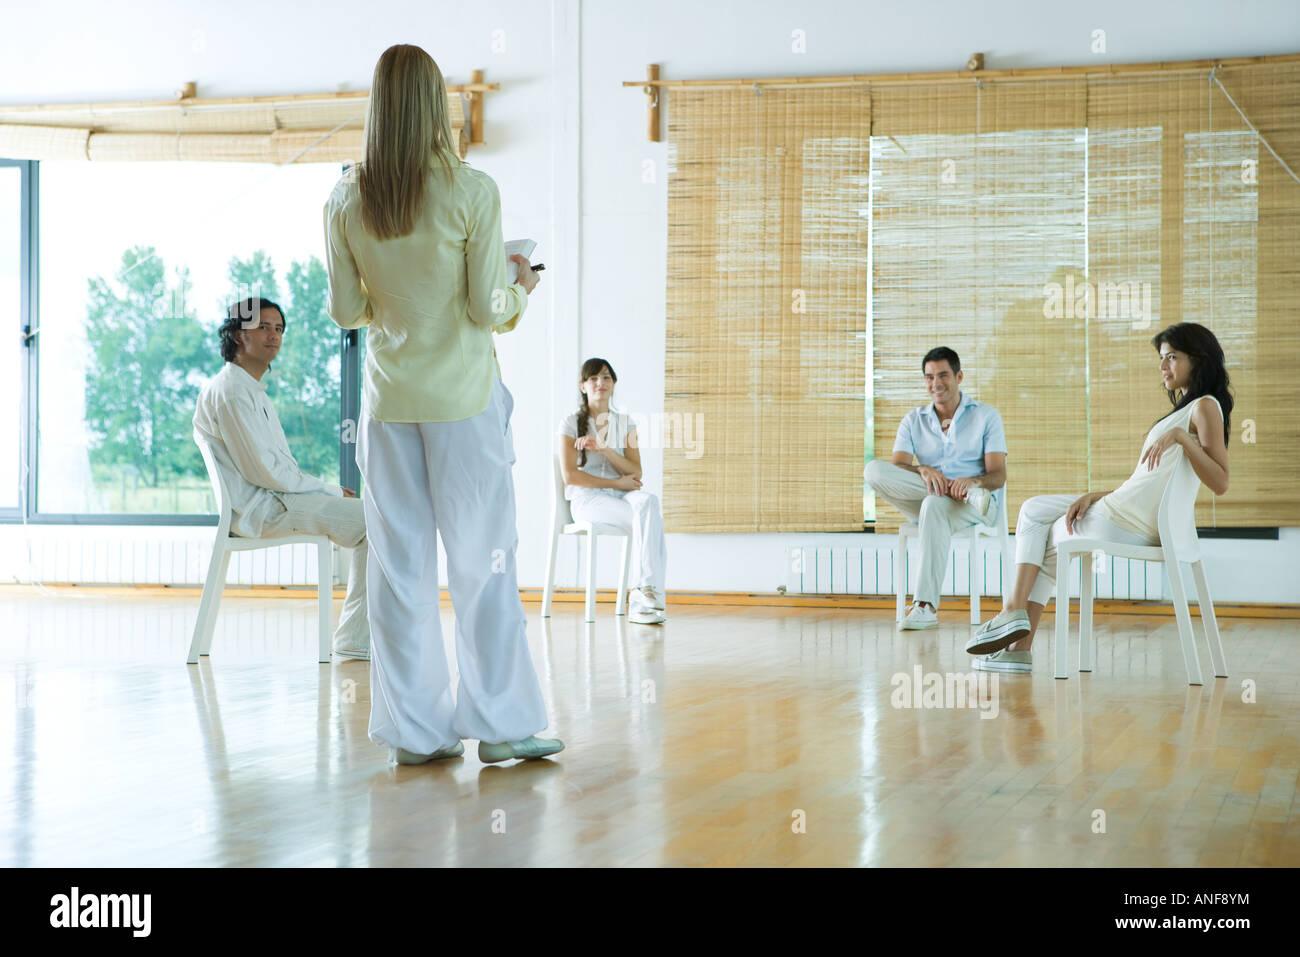 Frau führenden Gruppentherapie-Sitzung, Rückansicht Stockbild